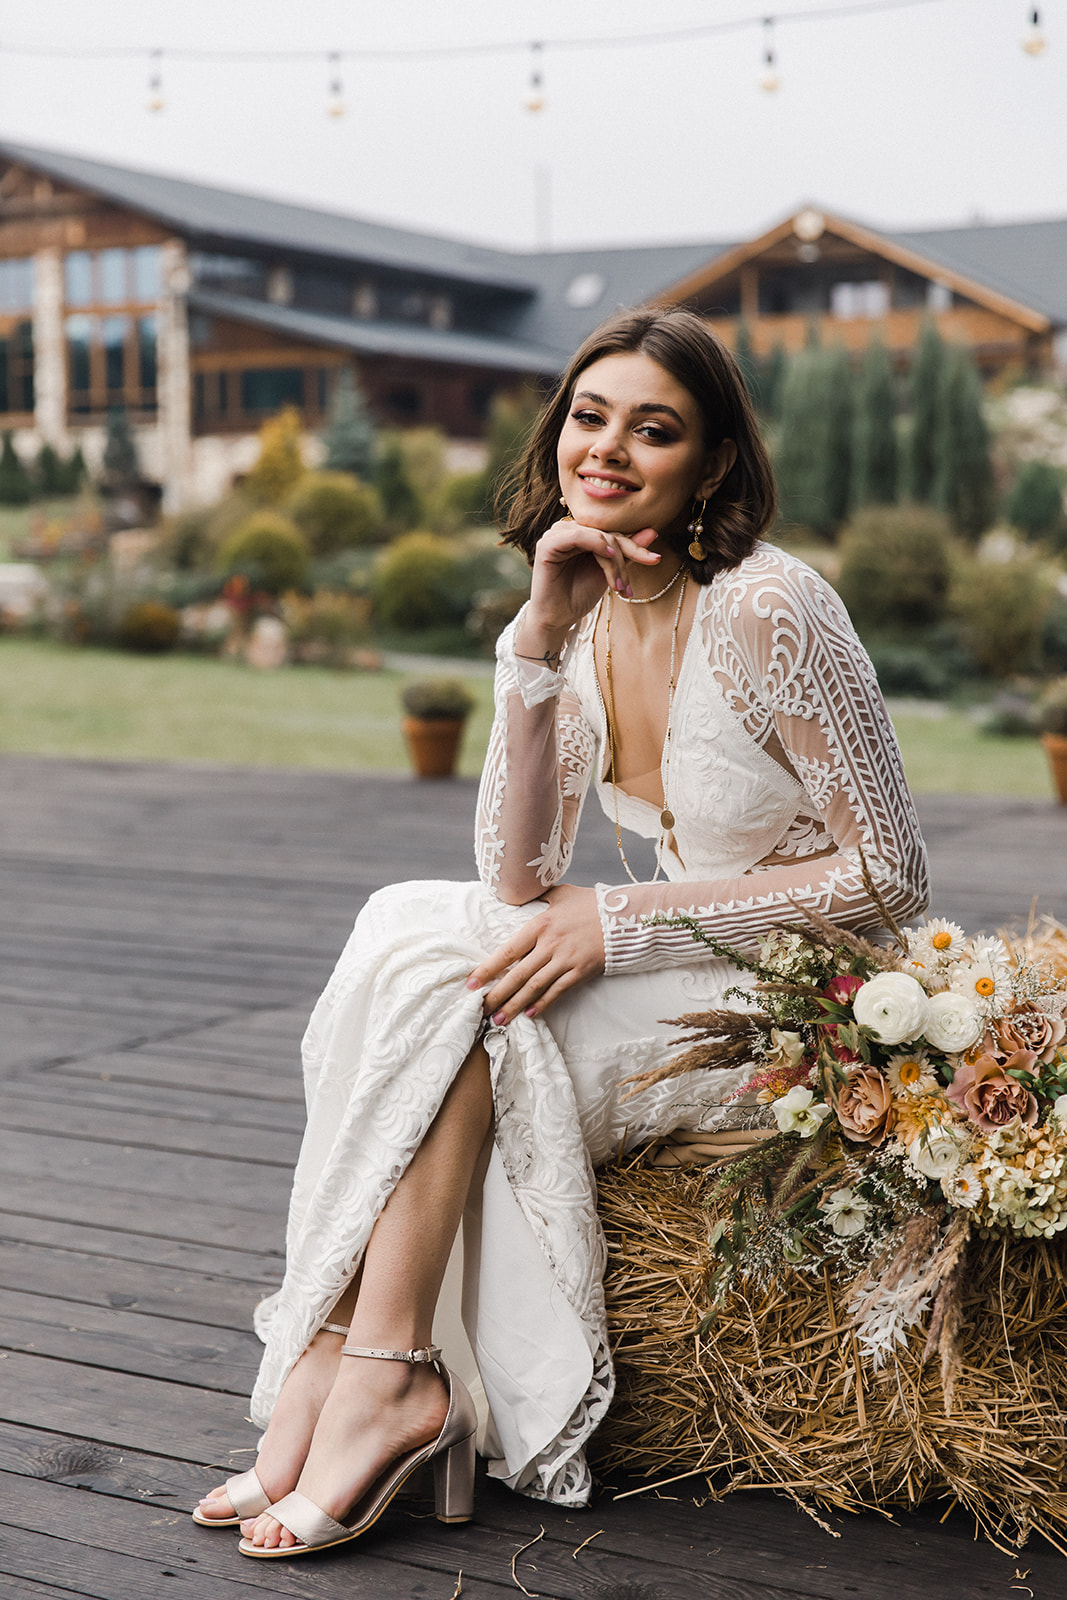 Dworzyszcze _ Indie Wedding